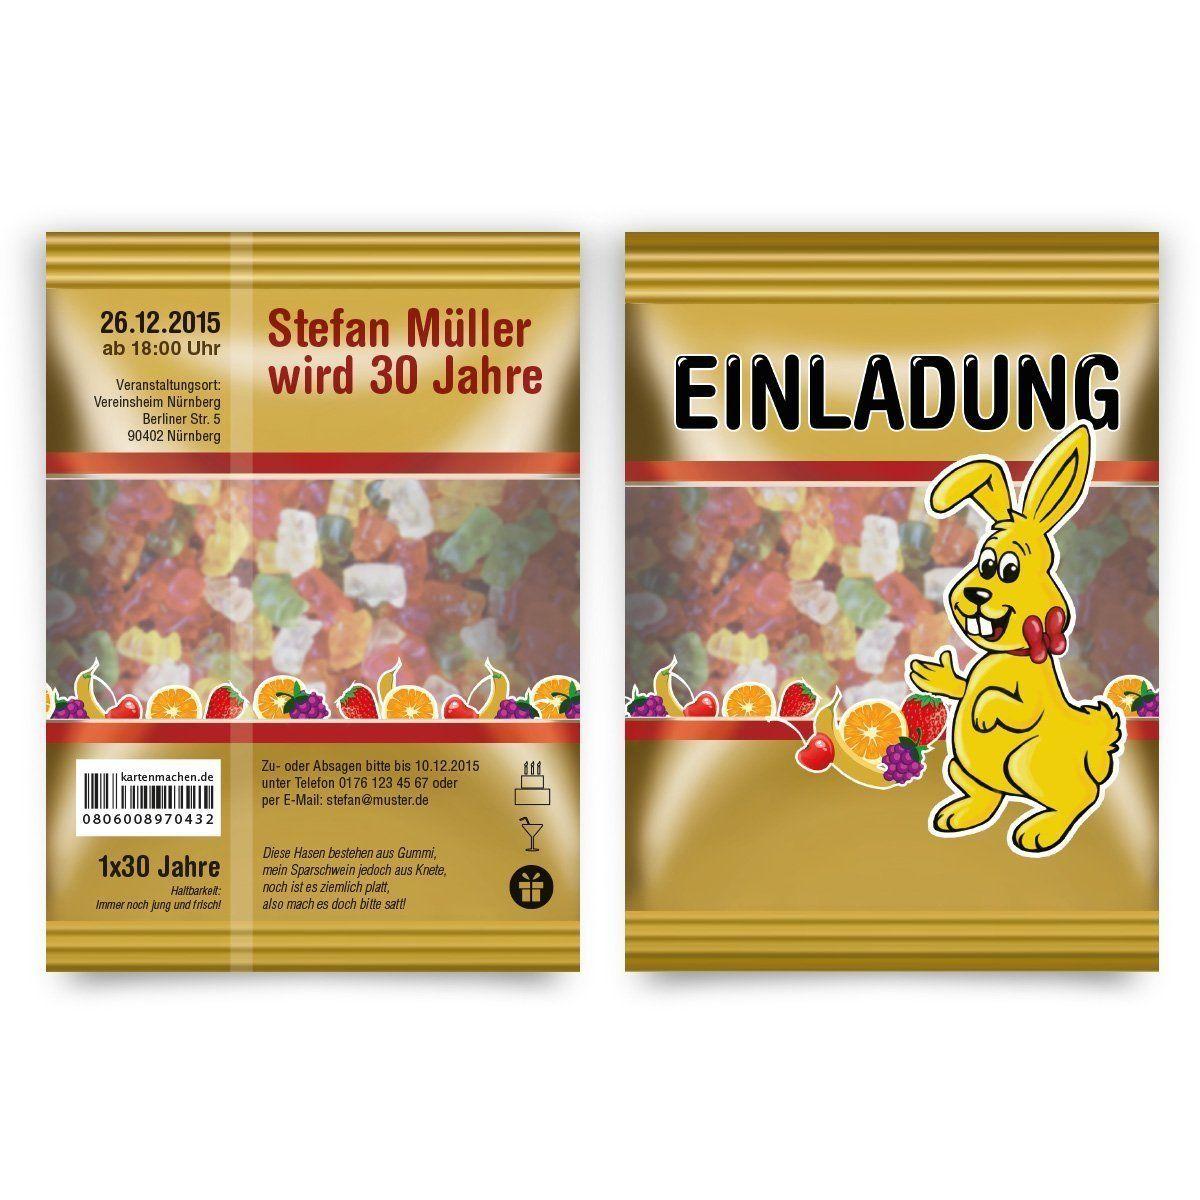 Einladungen (30 Stück) Als Gummibärchen Packung Hasen Einladungskarten